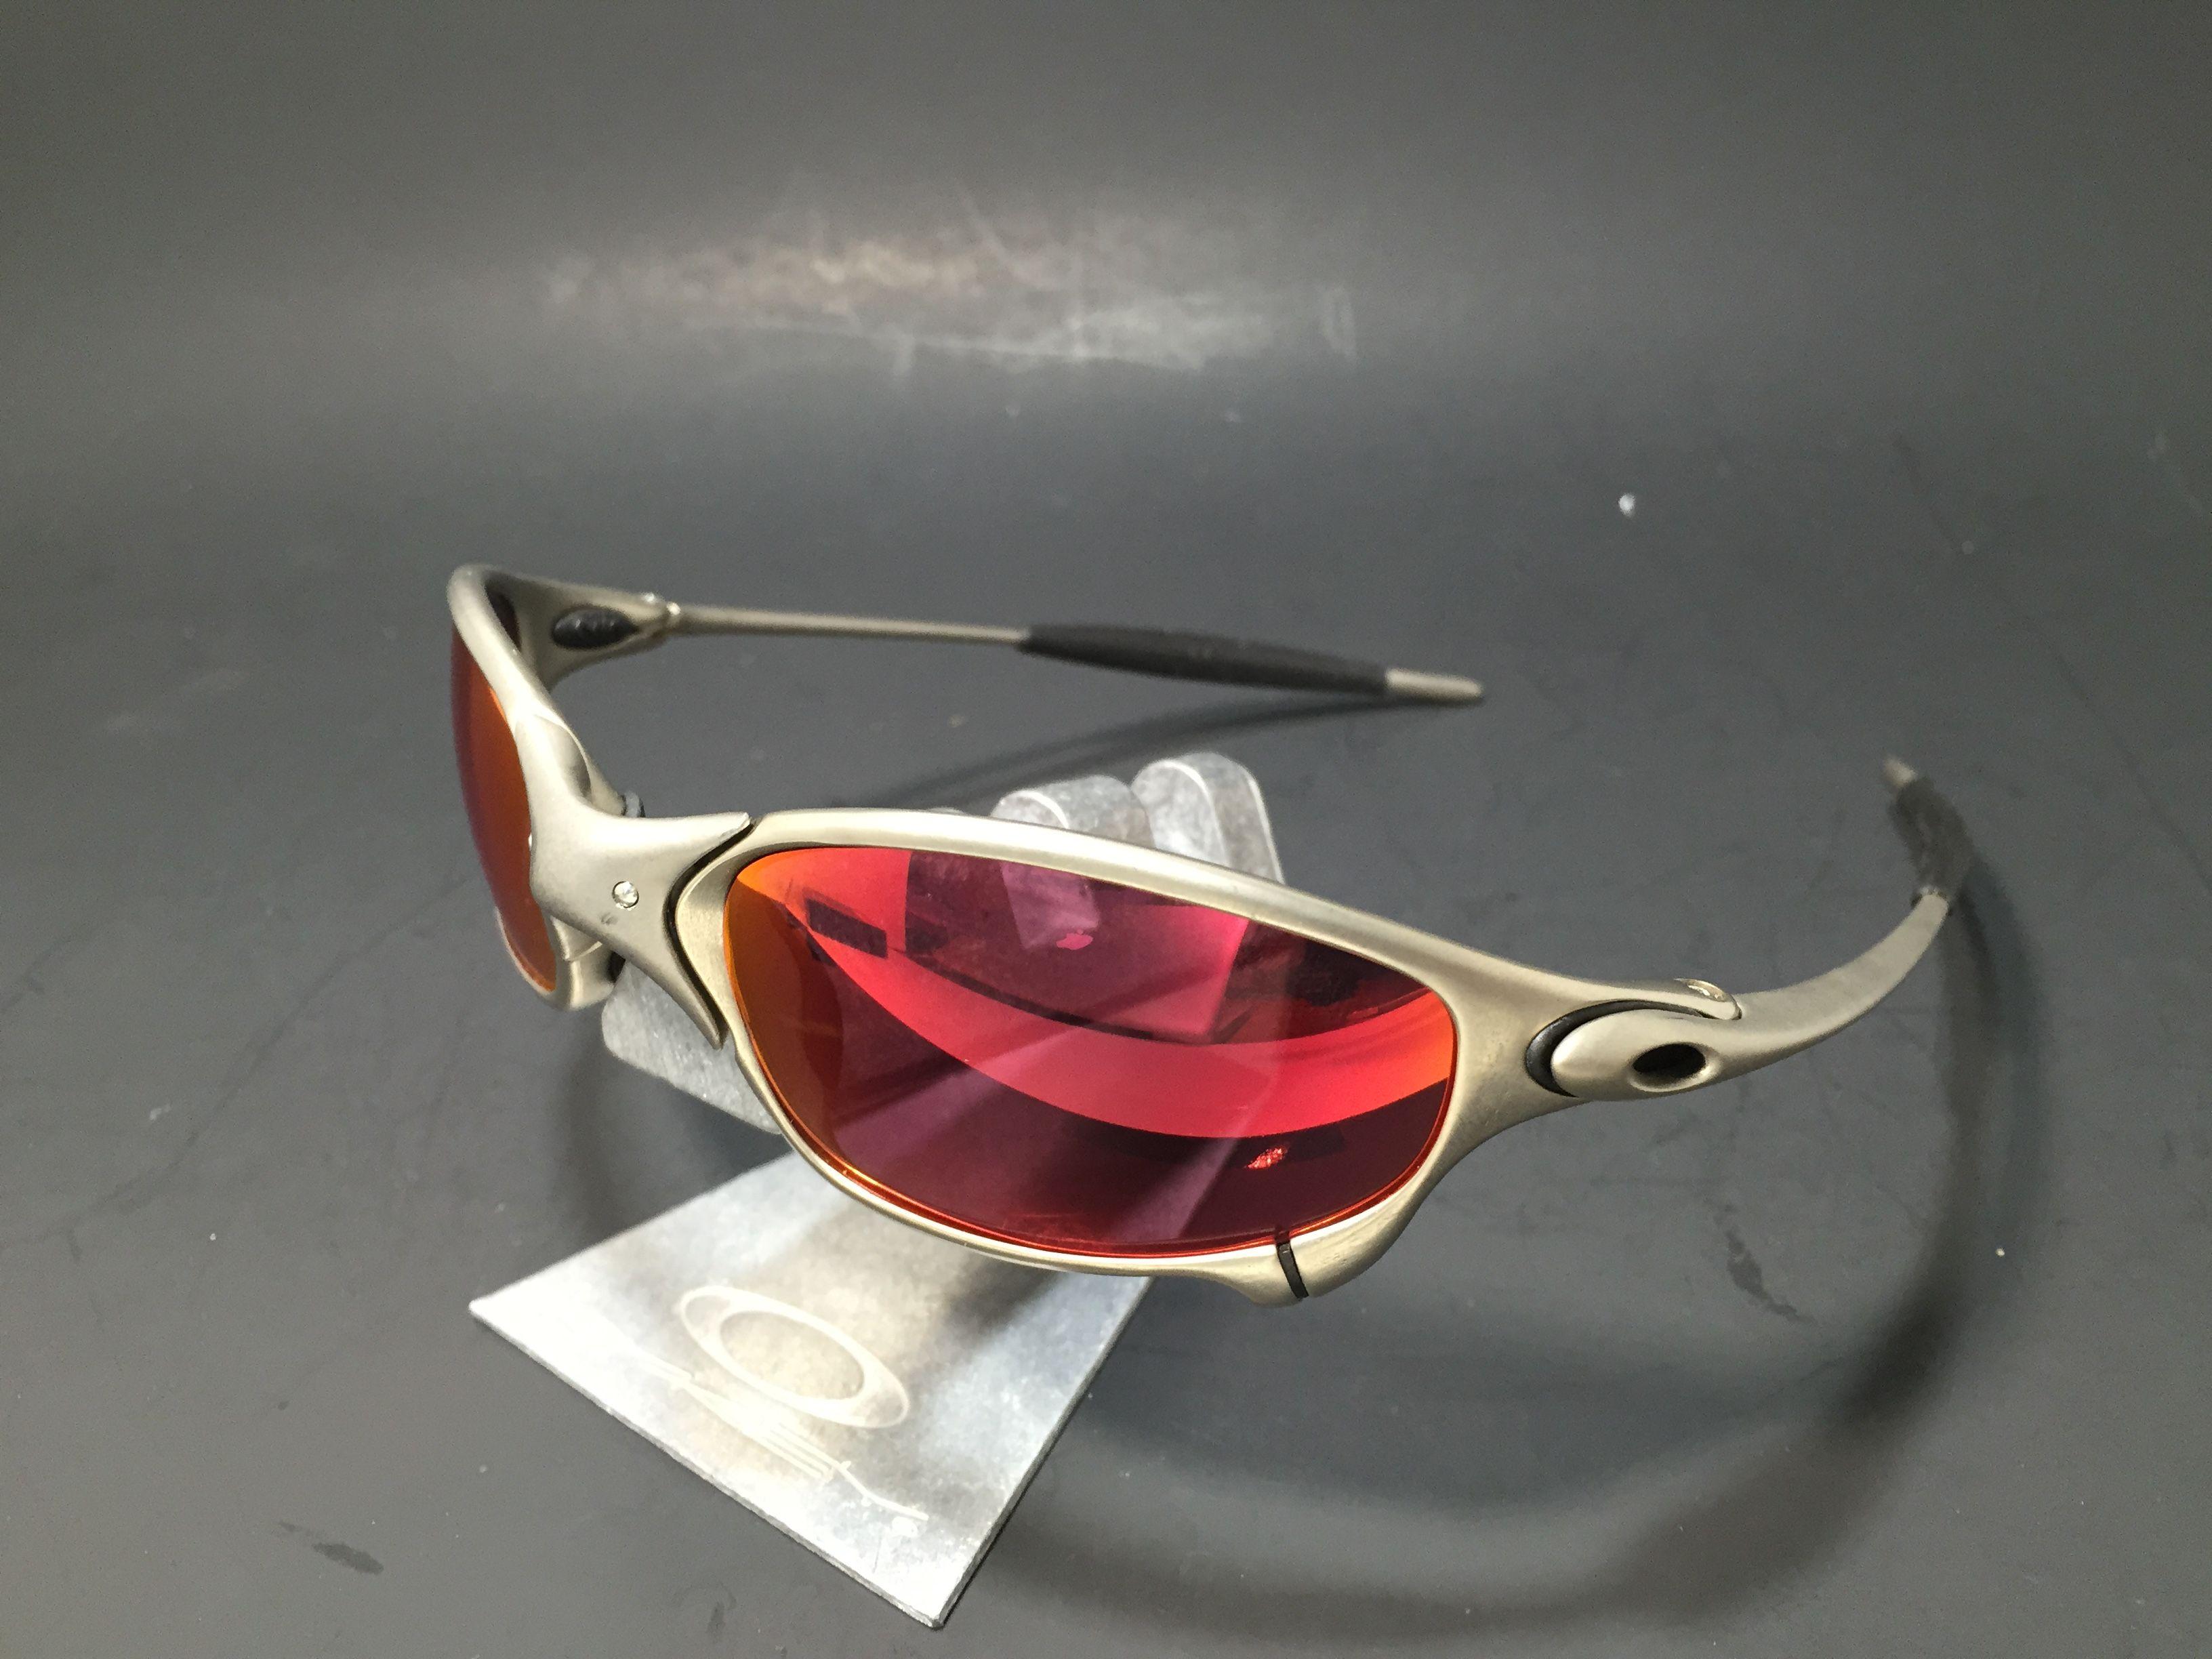 679b770c9 Modelos De Óculos, Oculos Juliet, Oculos Vermelho, Óculos Masculino, Oculos  De Sol